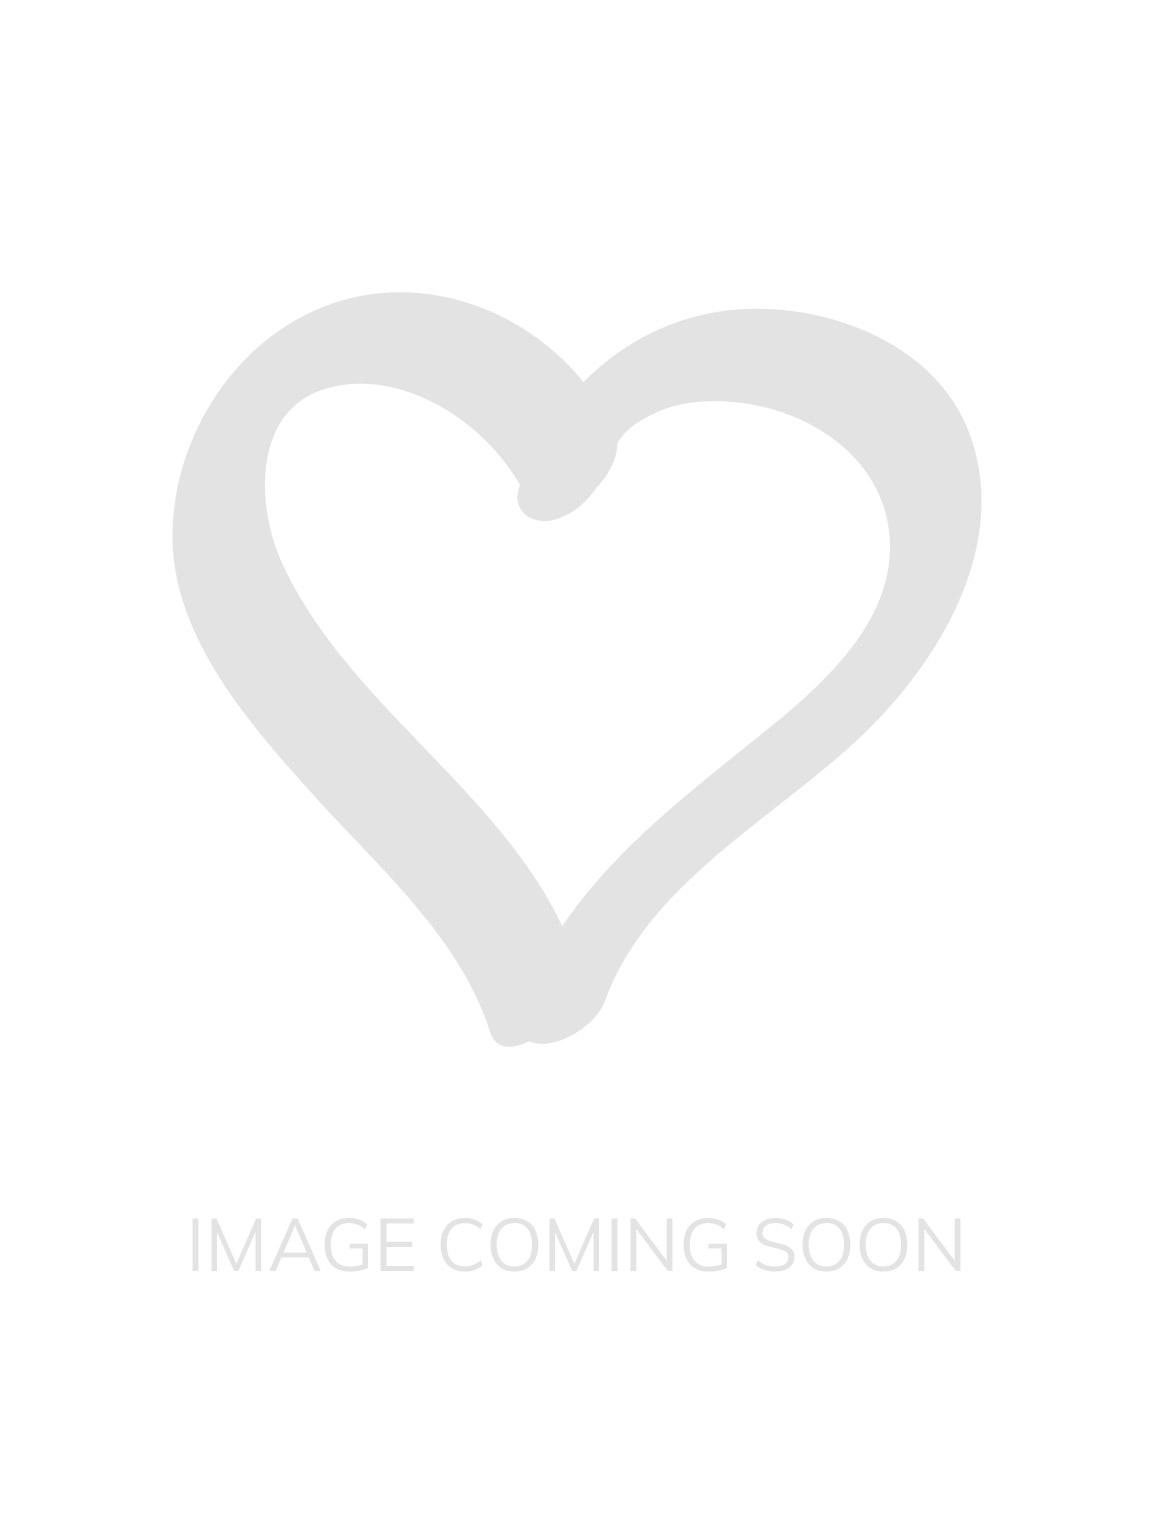 537e1b00c8 Halo Lace Thong - Nude